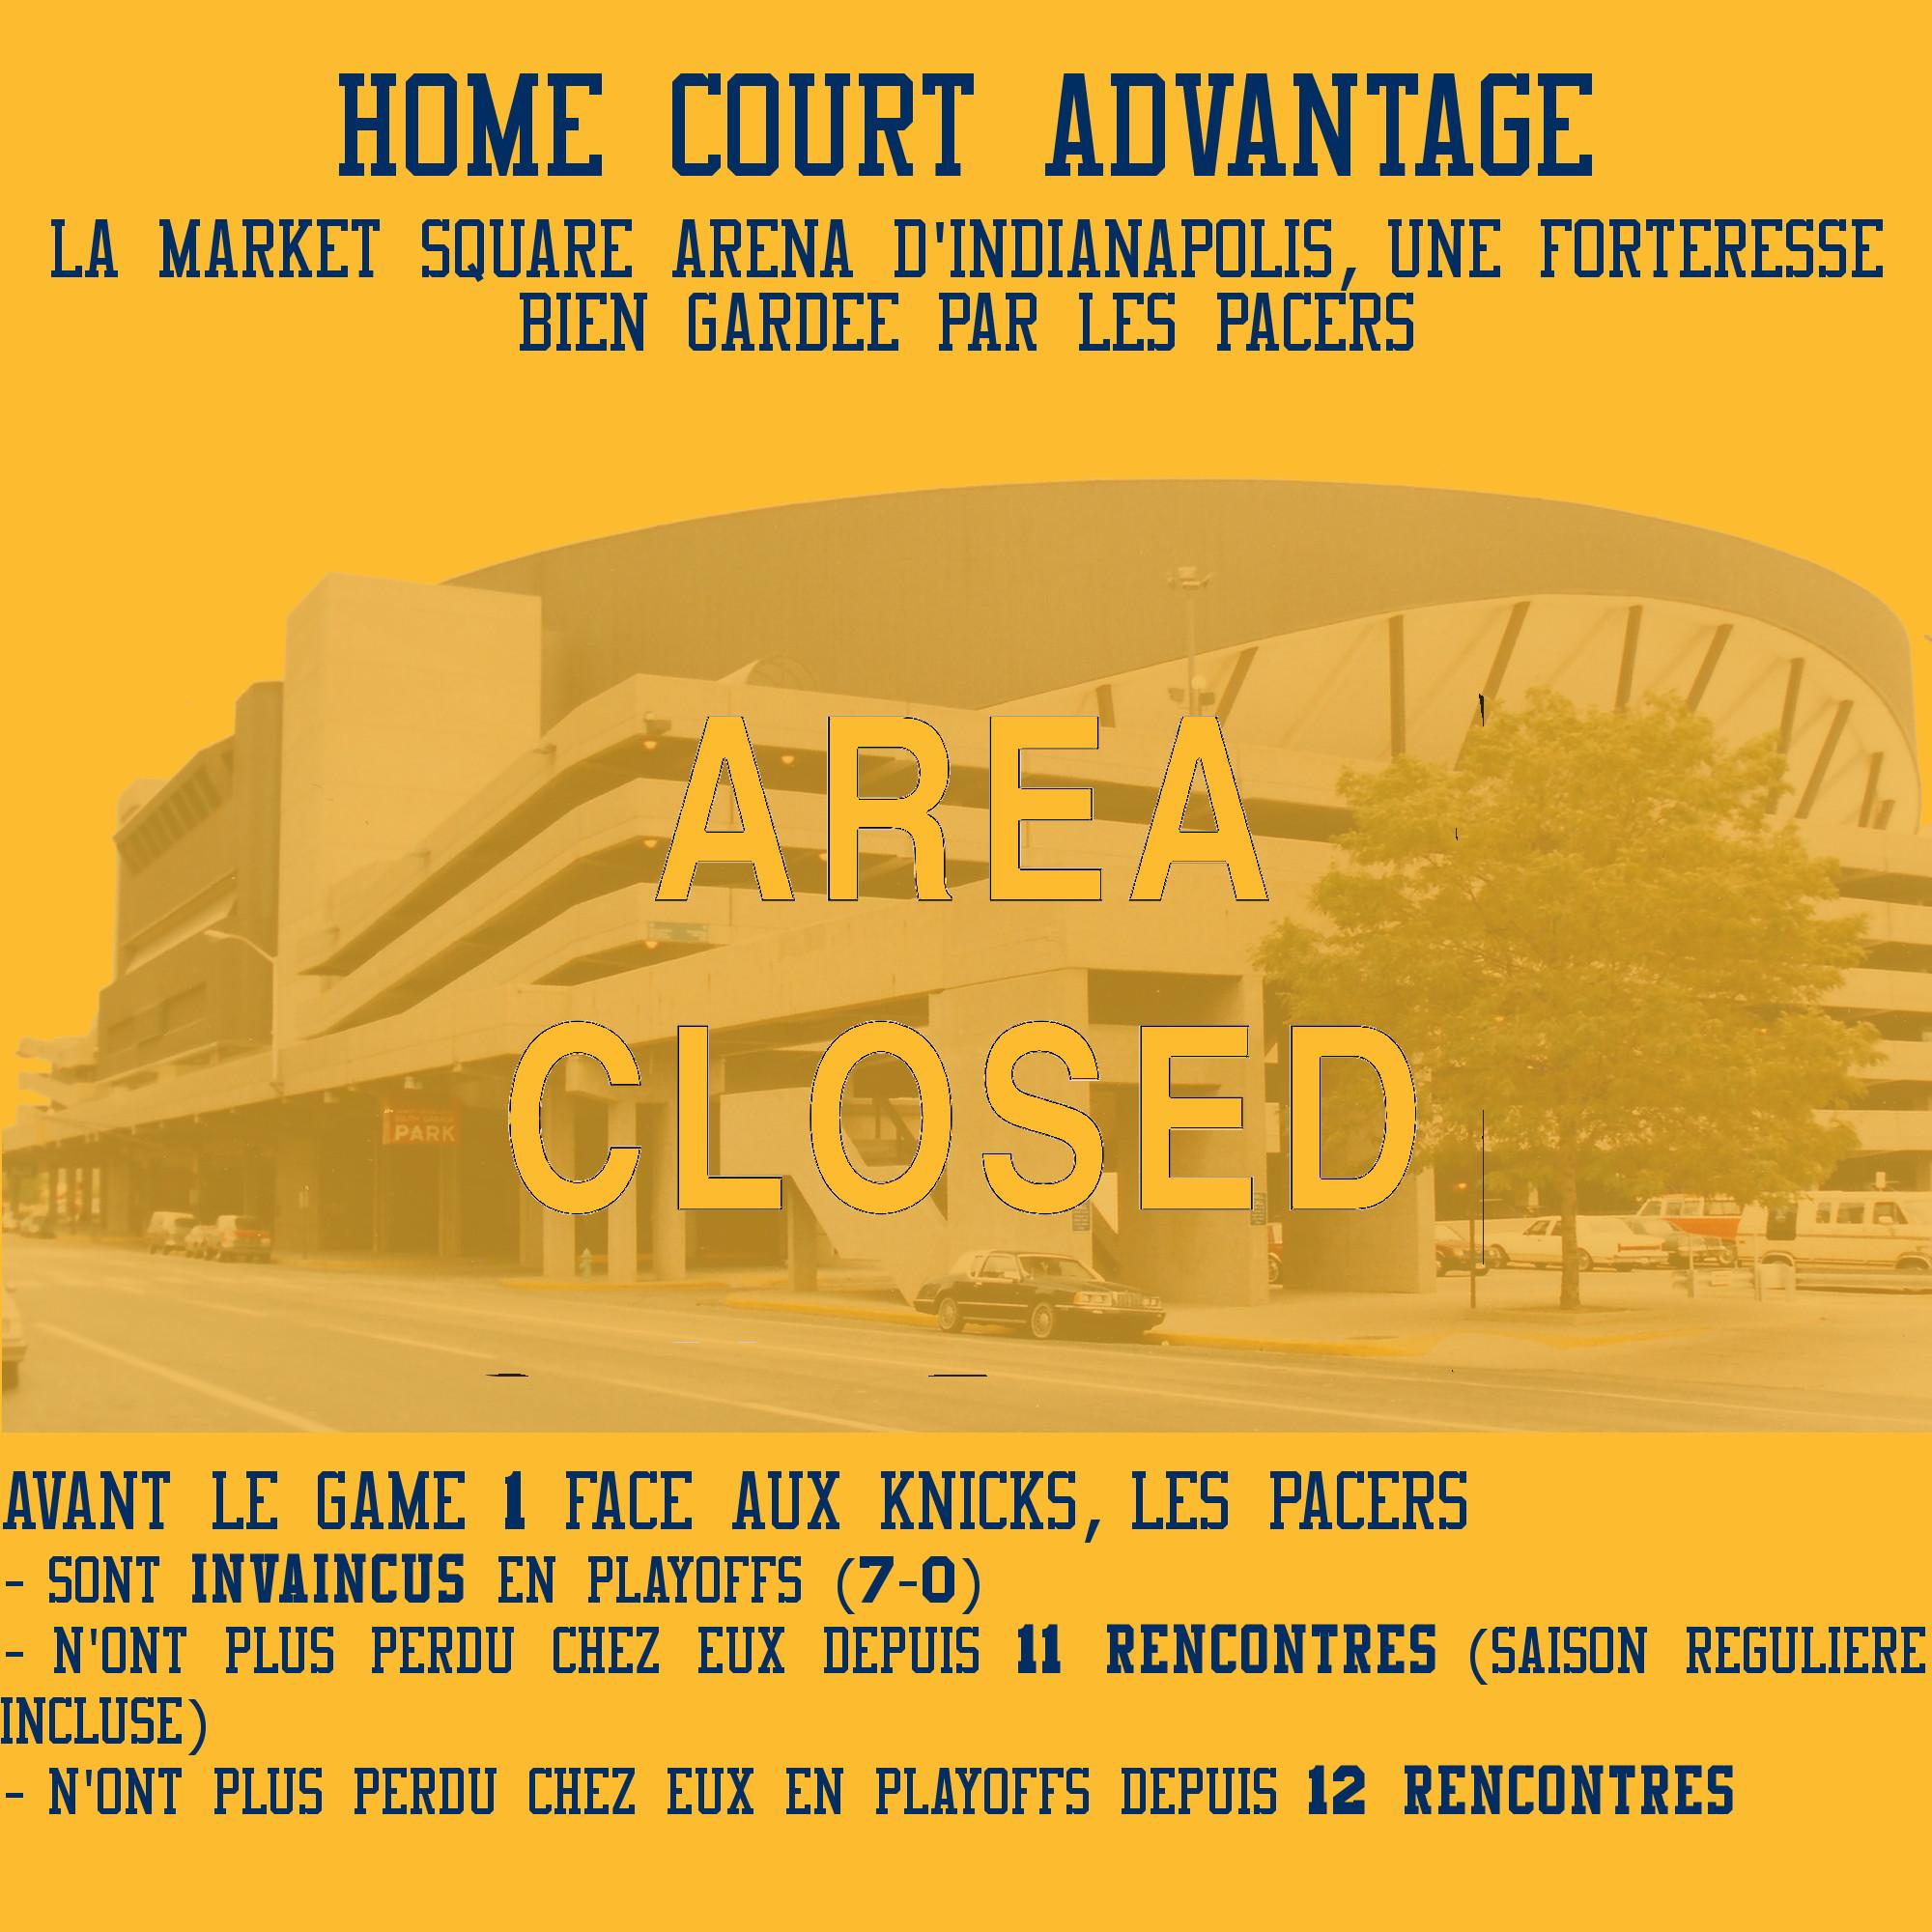 Les Pacers à domicile avant d'affronter les Knicks